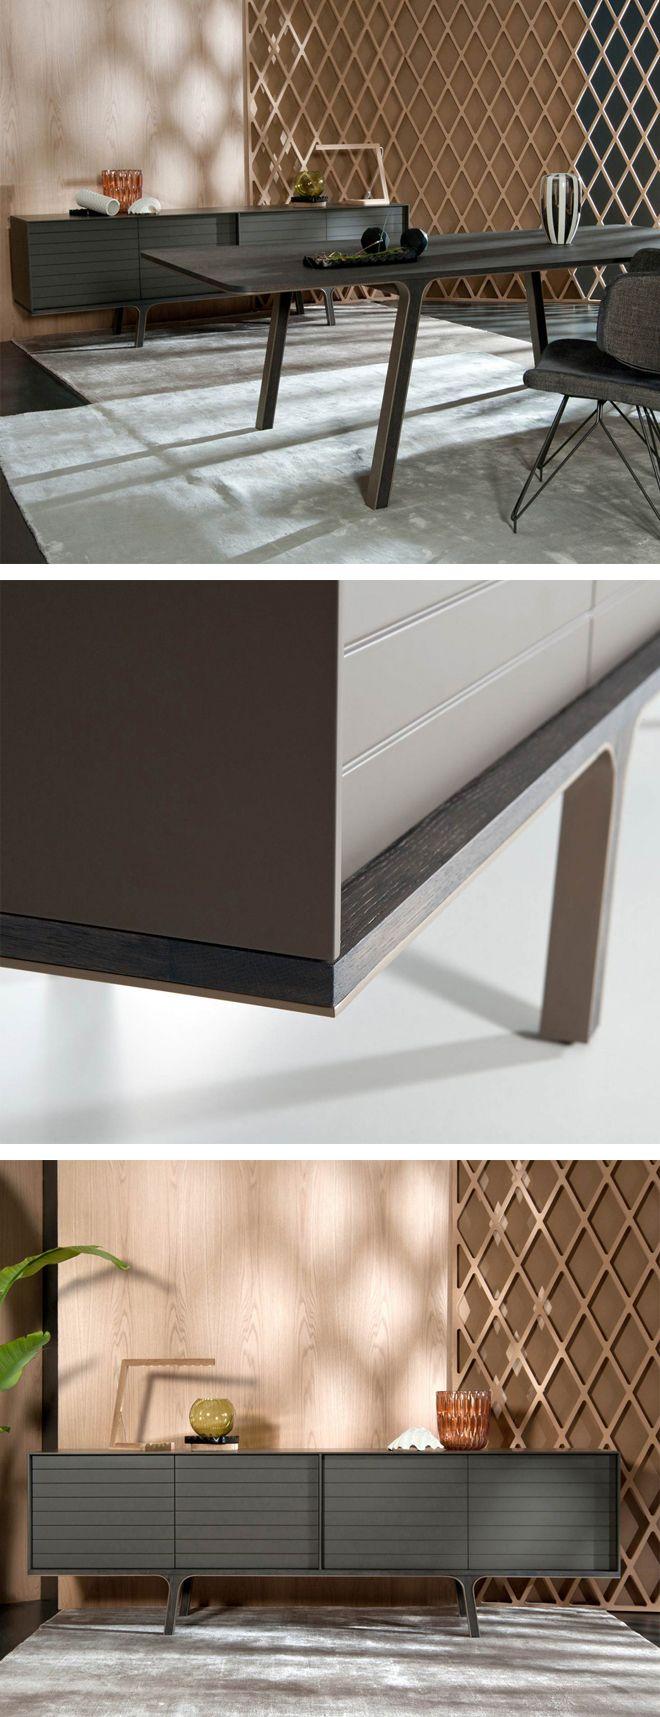 Die Türen beim Mobius Sideboard von al2 werden ohne Griffe durch einen leichten Druck auf die Front geöffnet. #Sideboard #Anrichte #Livarea #Wohnzimmer #livingroom #bedroom #Schlafzimmer #Esszimmer #diningroom #inspiration #interiordesign #interiordecorating #home #wohnen #einrichten #Designmöbel #modern #minimalistisch #Trend #wohntrend #wohnstil #Al2